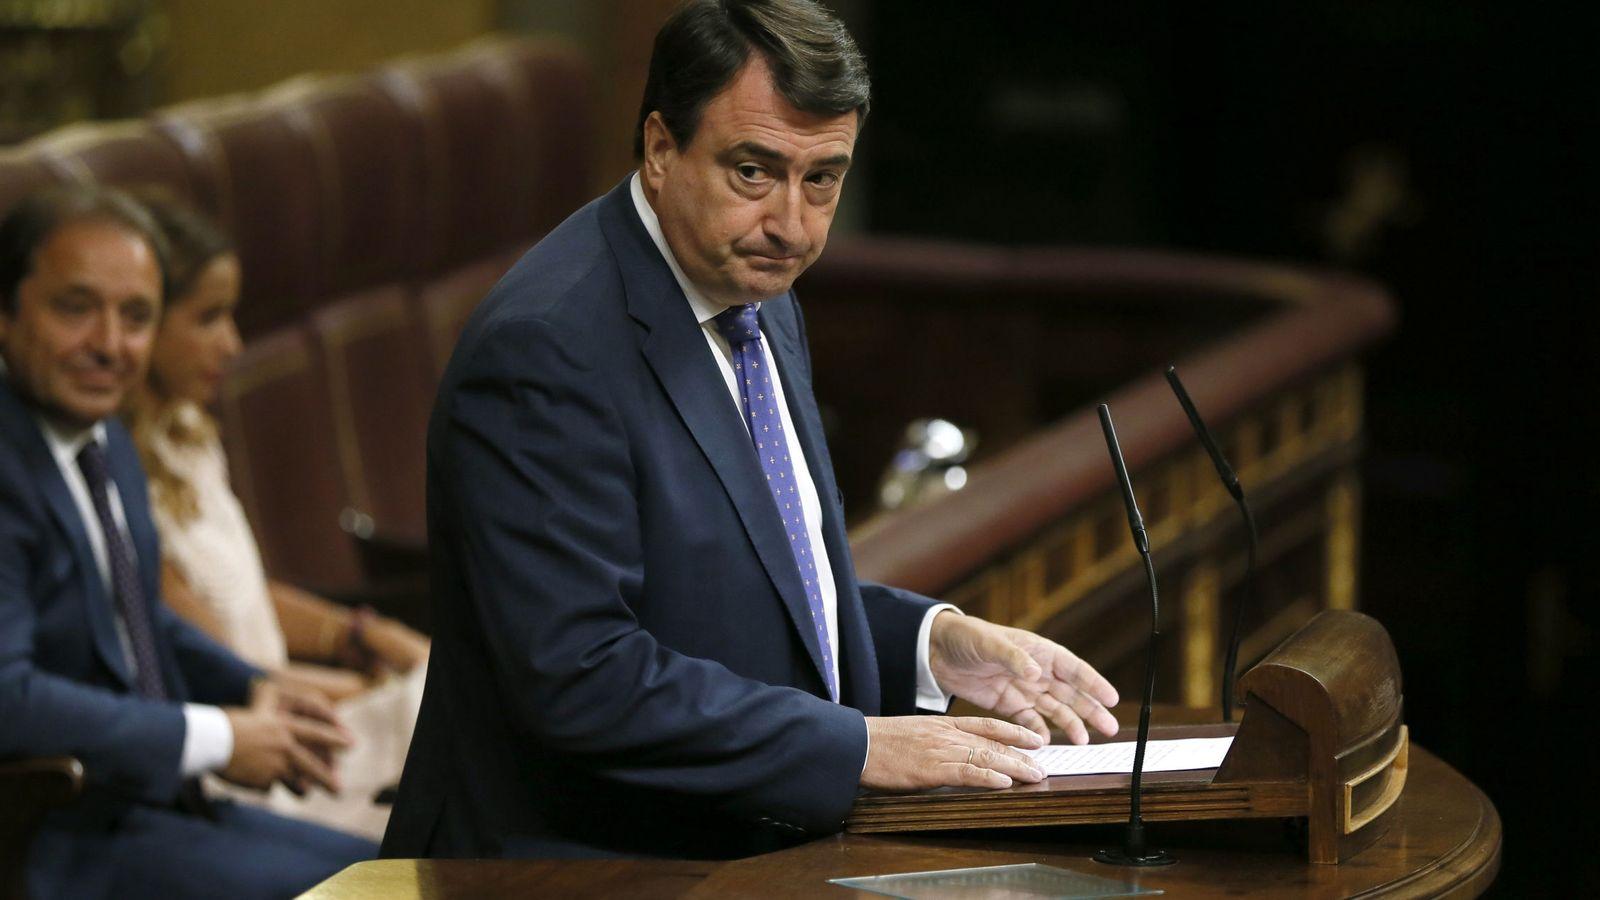 Foto: El portavoz del PNV, Aitor Esteban, durante su intervención en la tercera sesión del debate de investidura. (EFE)